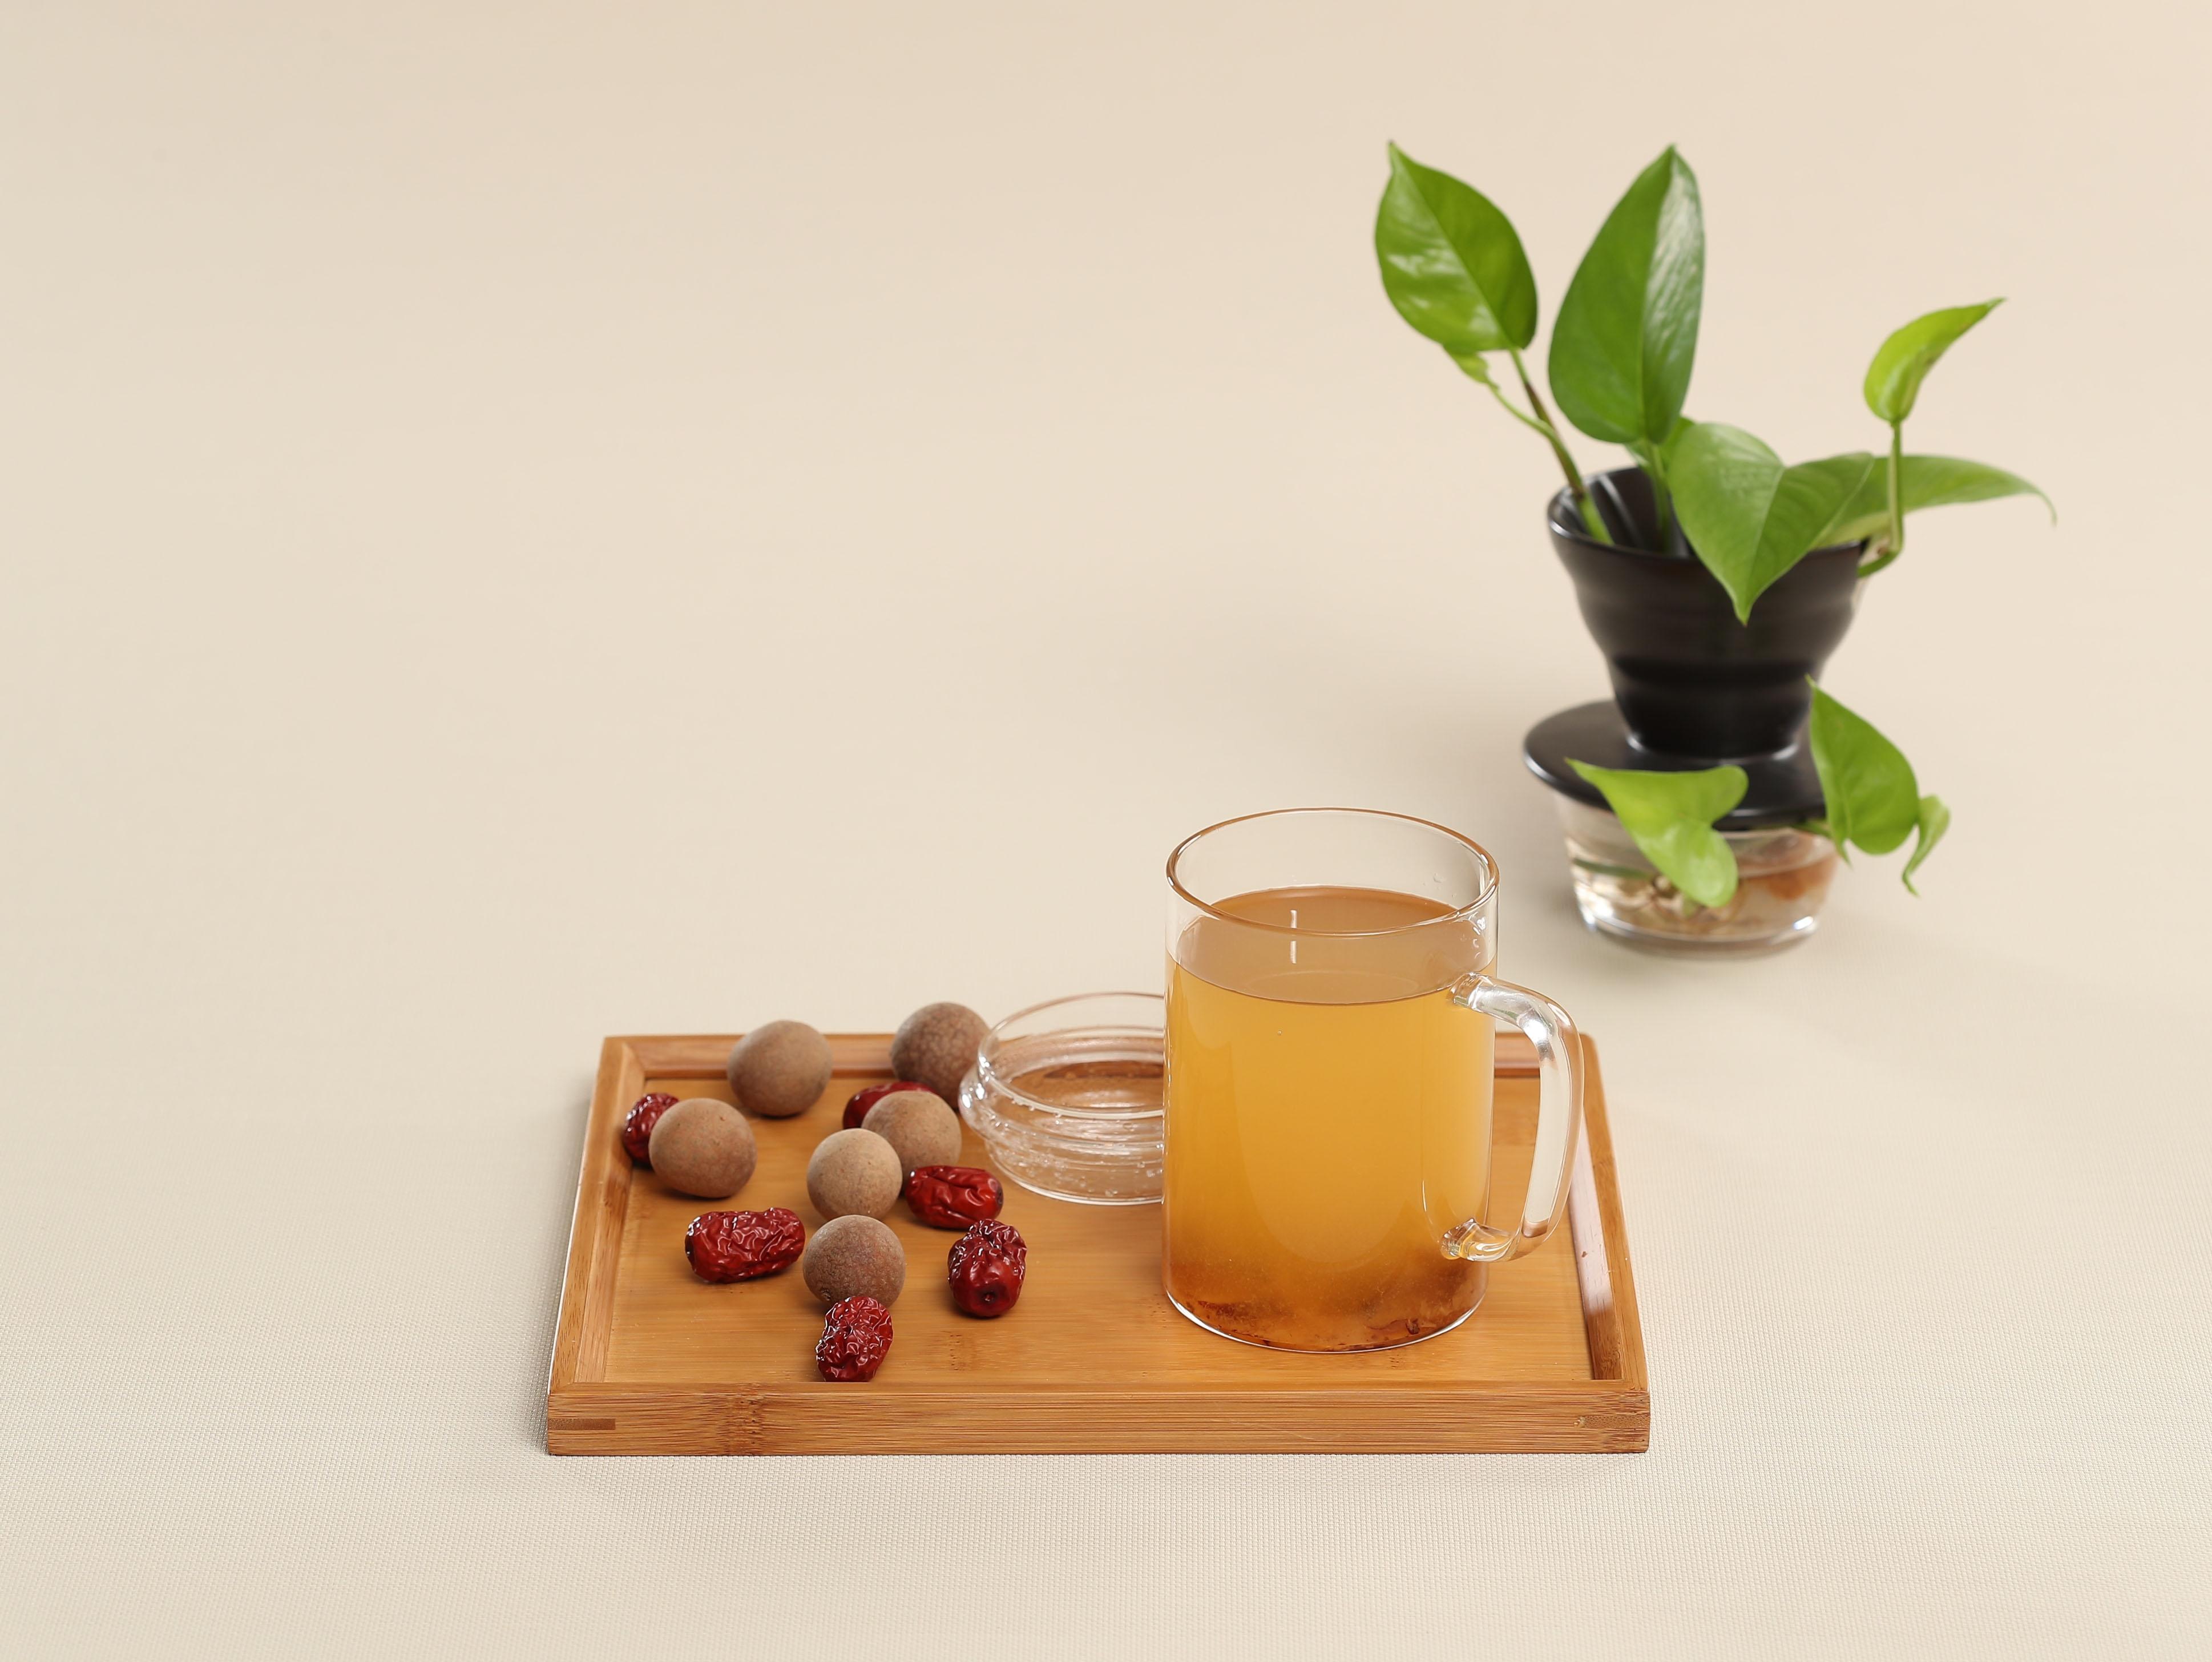 桂圆红枣制作